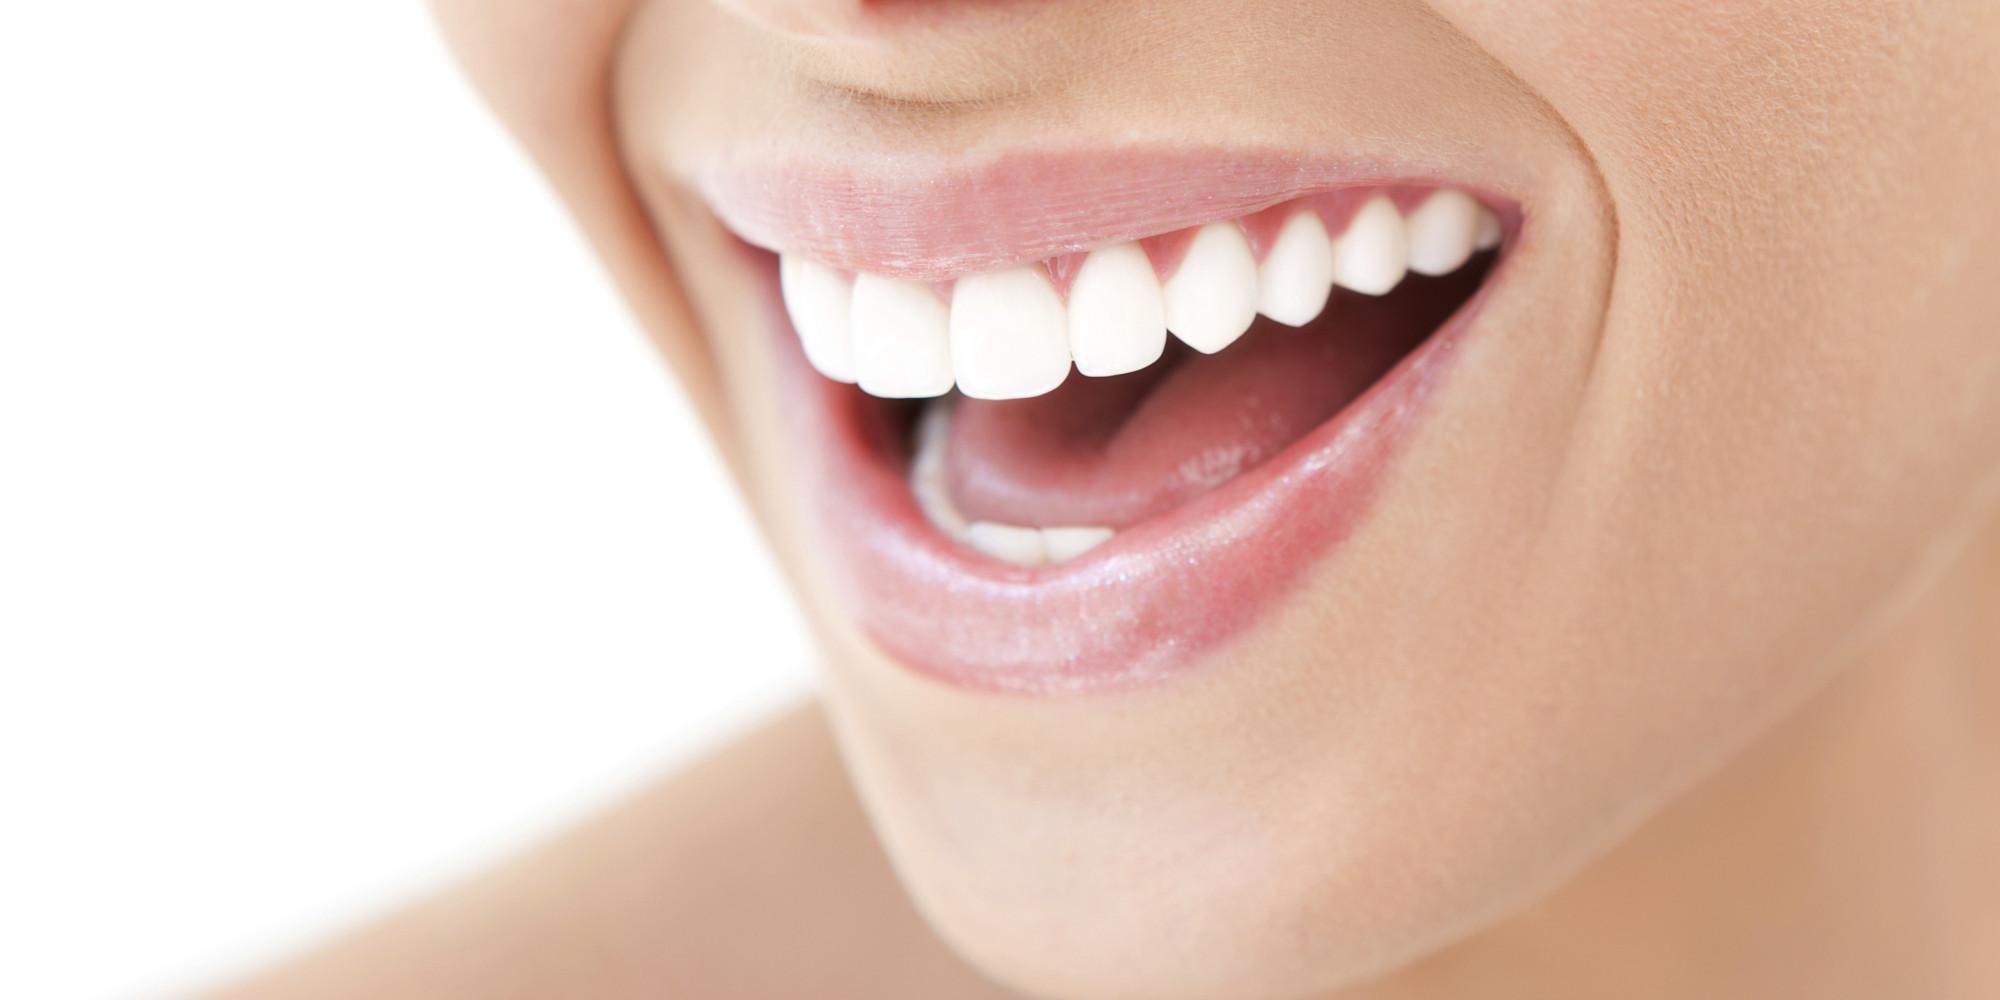 Grávida com sangramento nos dentes